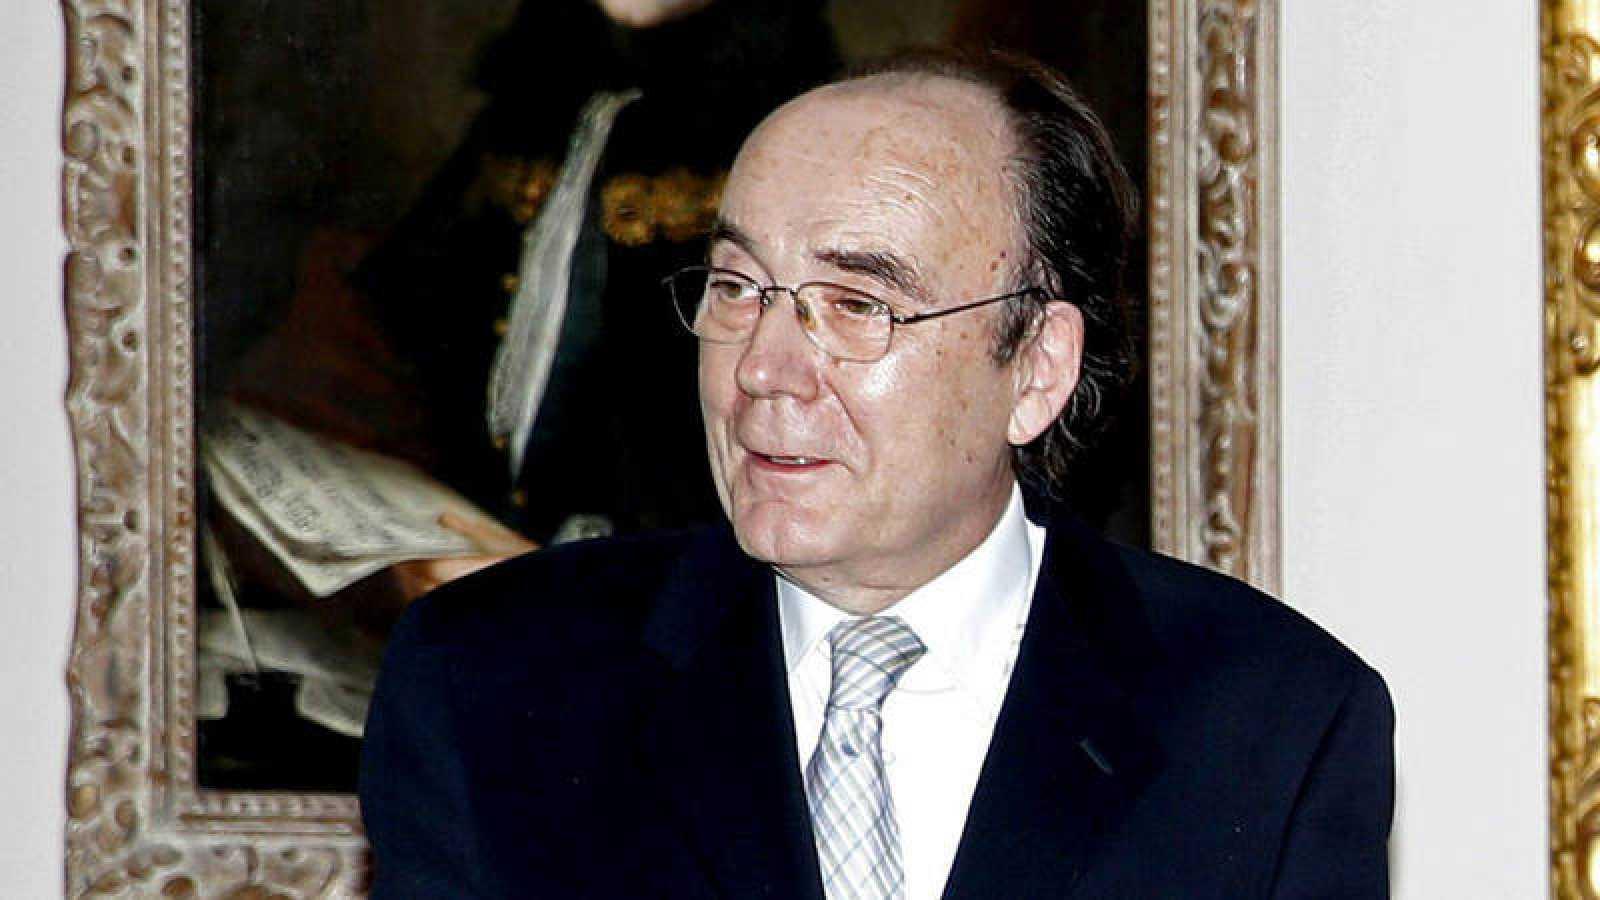 Francisco Calvo Serraller durante la inauguración de la exposición 'Goya y el infante don Luis: el exilio y el reino' en el Palacio Real de Madrid el 29 de octubre de 2012